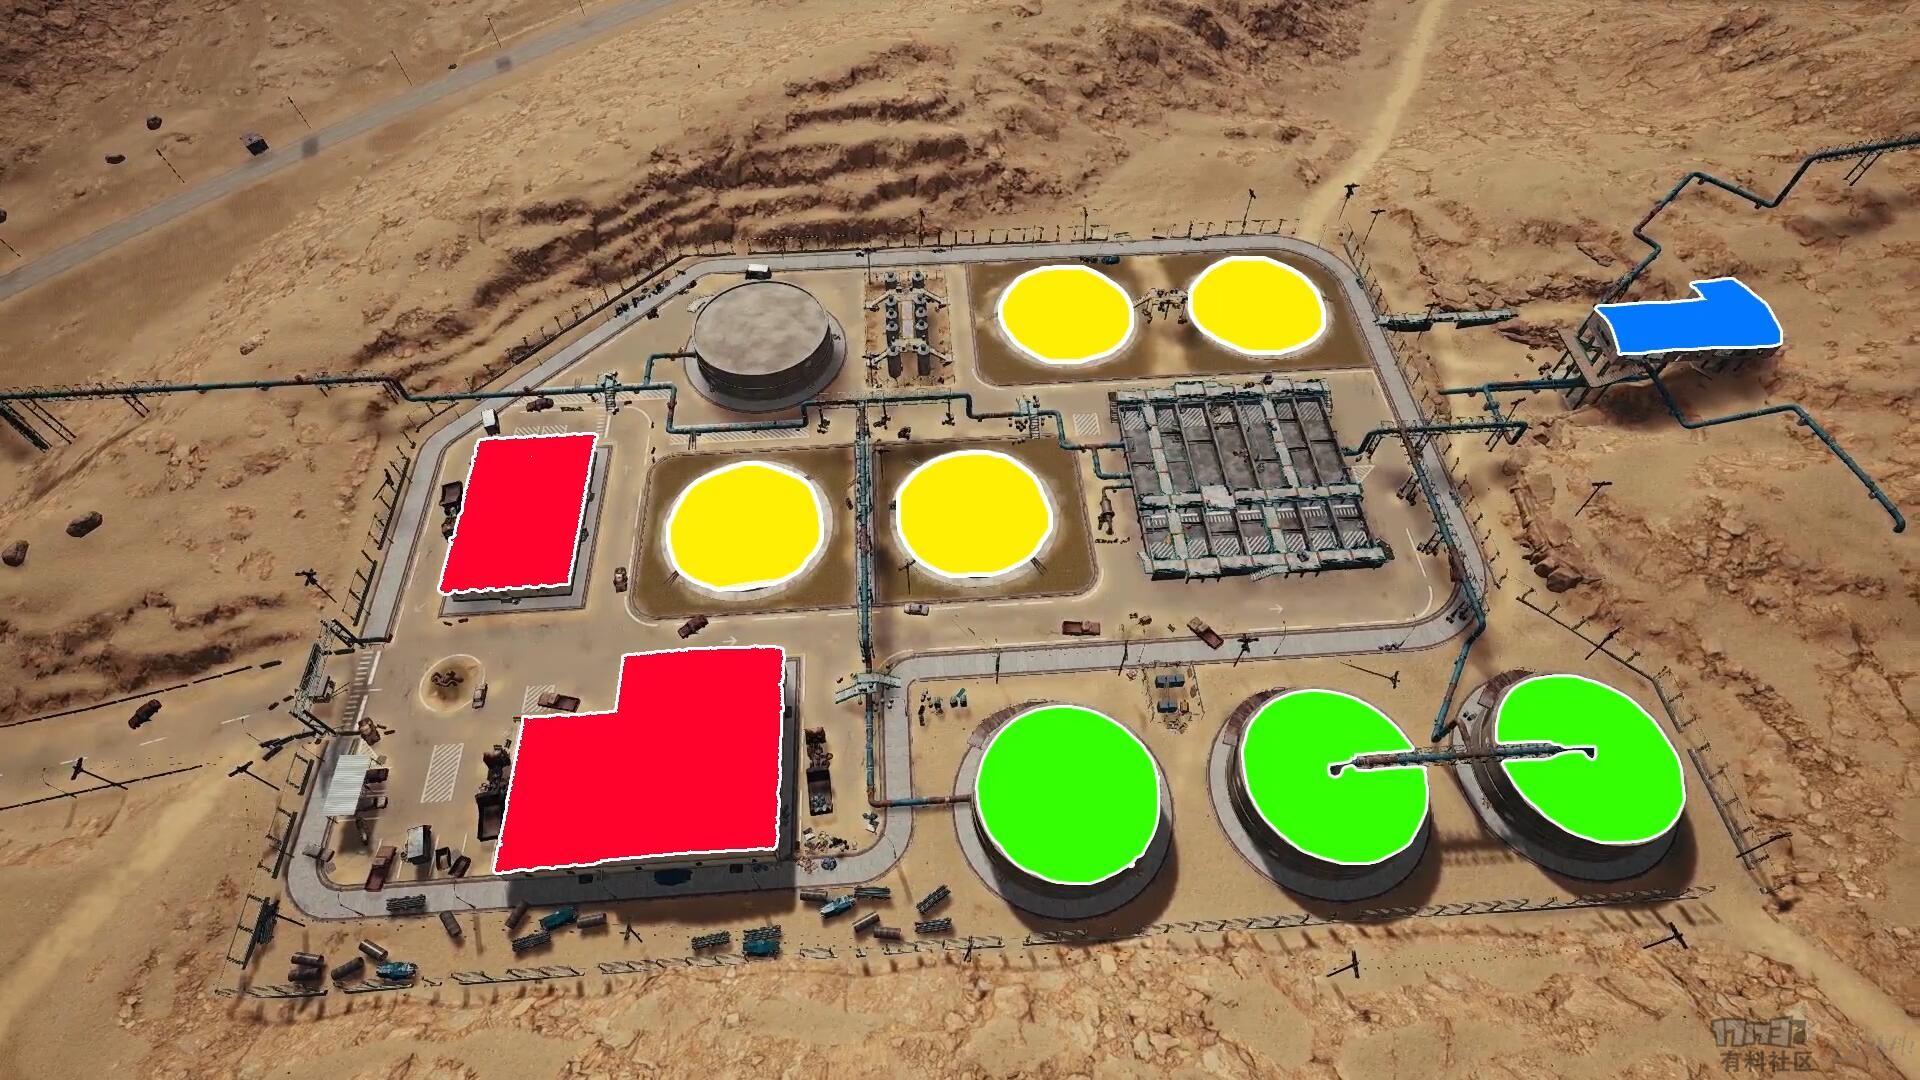 直奔水池才是王道!沙漠污水厂最合适的搜索路线及架枪攻略